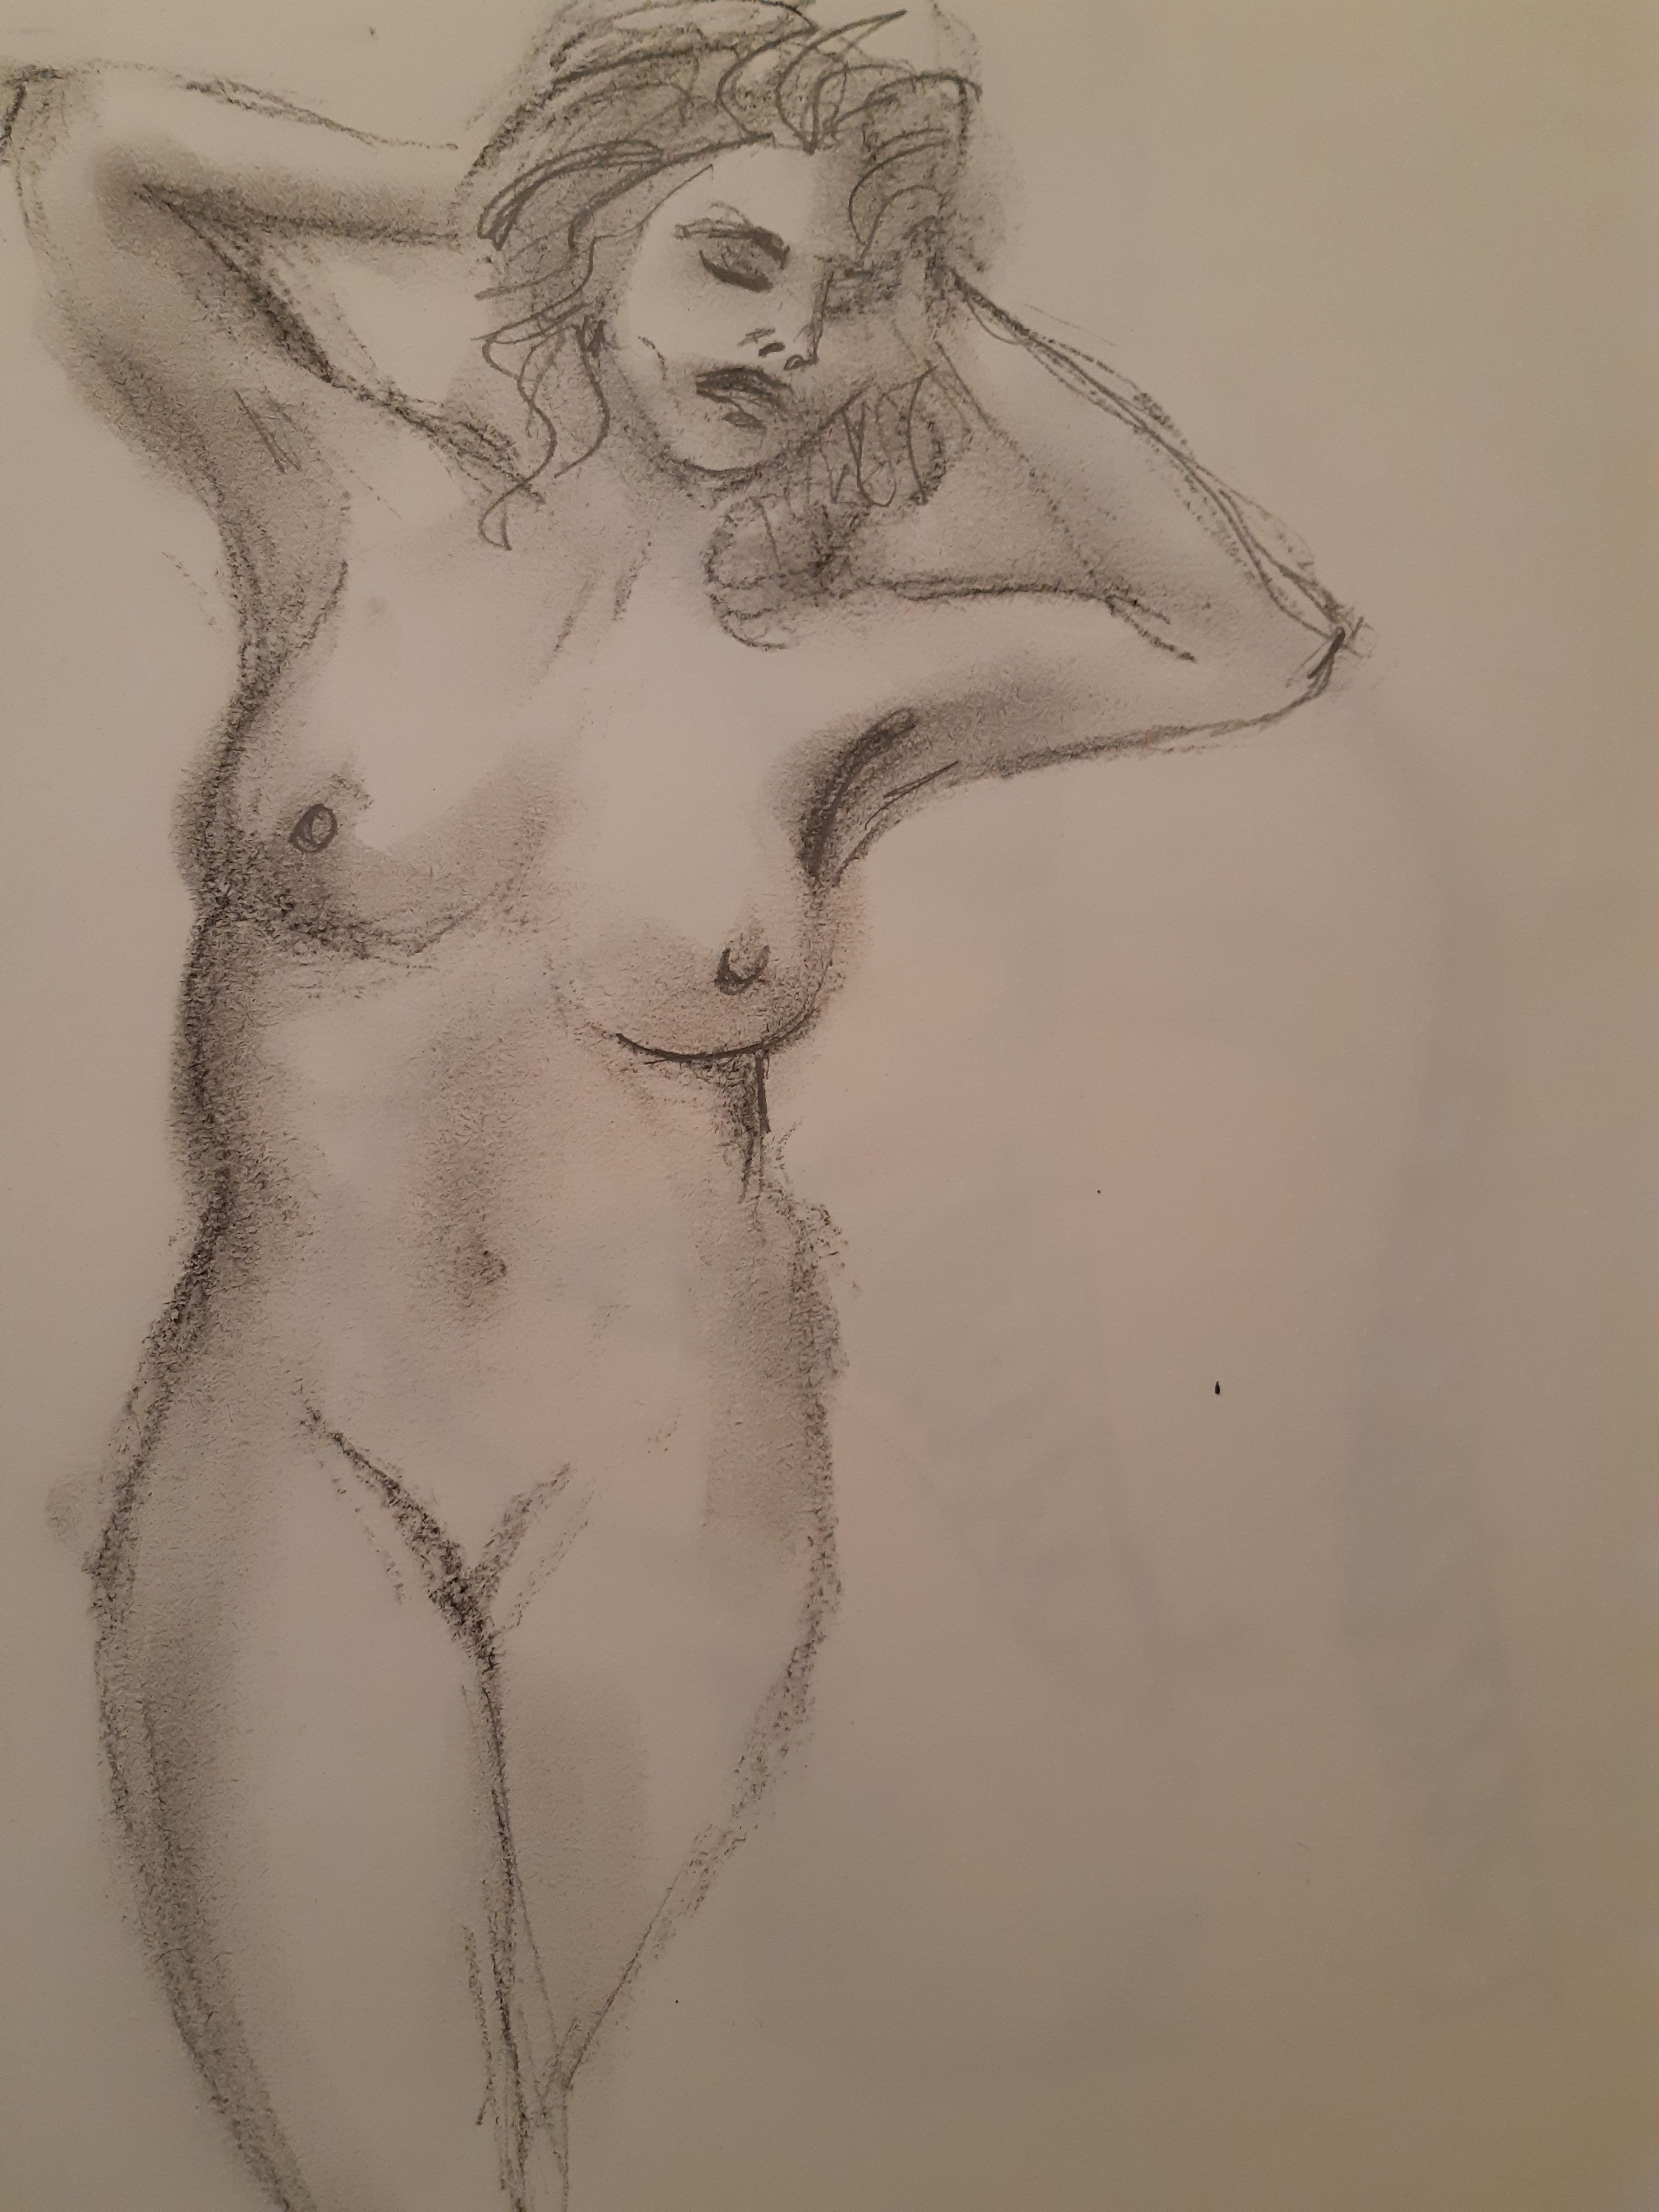 Esquisse fusain estompe mod�le vivant femme nue  cours de dessin